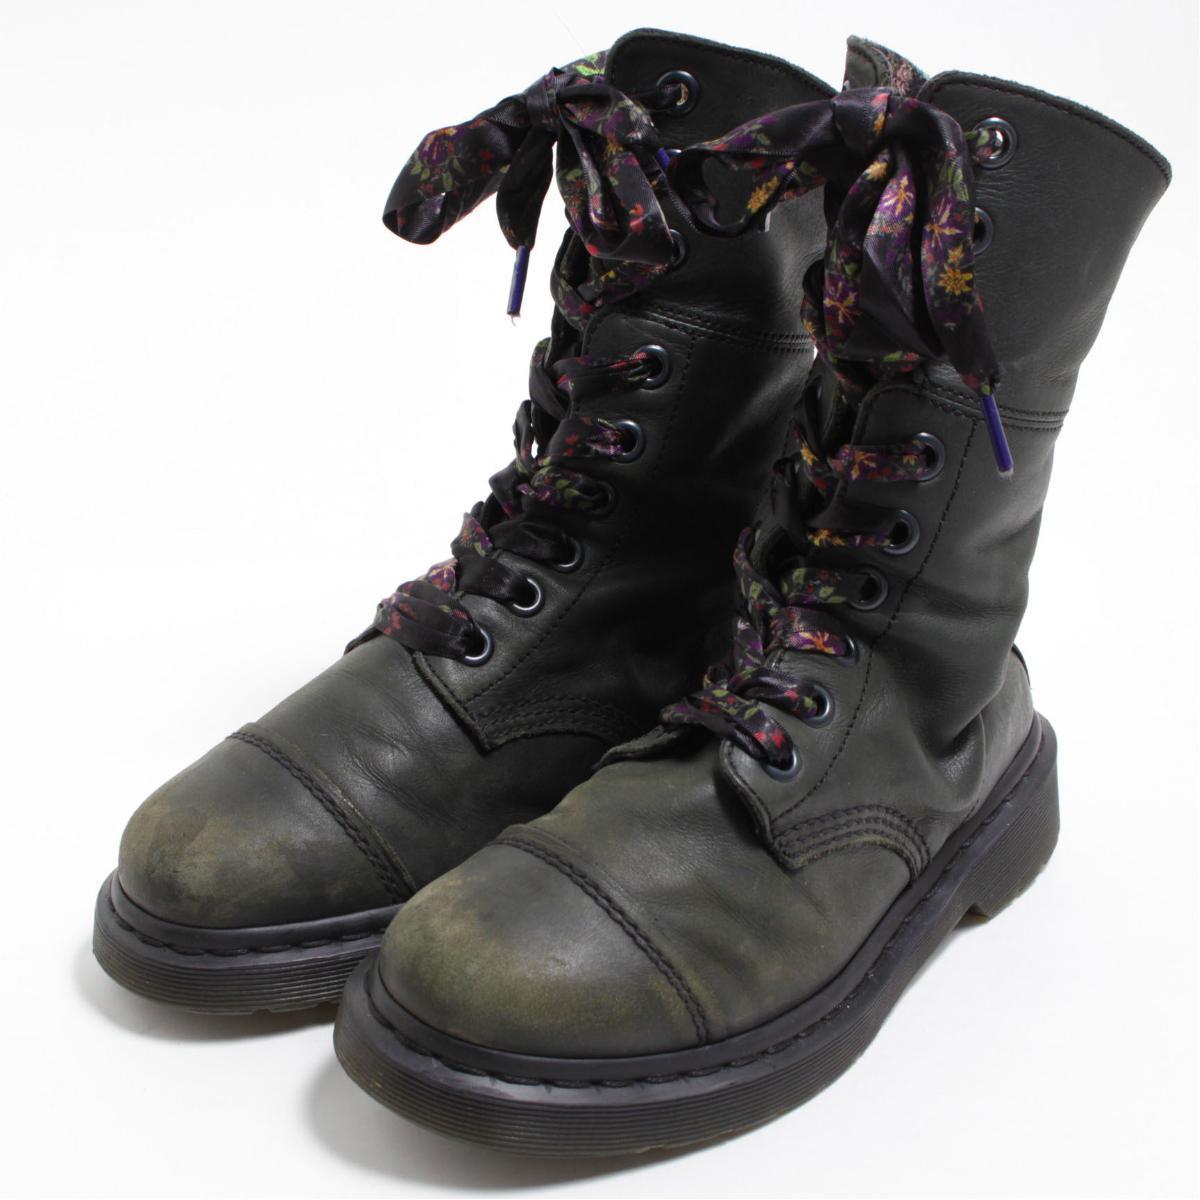 57ede82adb1 Doctor Martin Dr.Martens AIMILITA cap toe 9 hall boots US5 Lady's 23.5cm  /bom3890